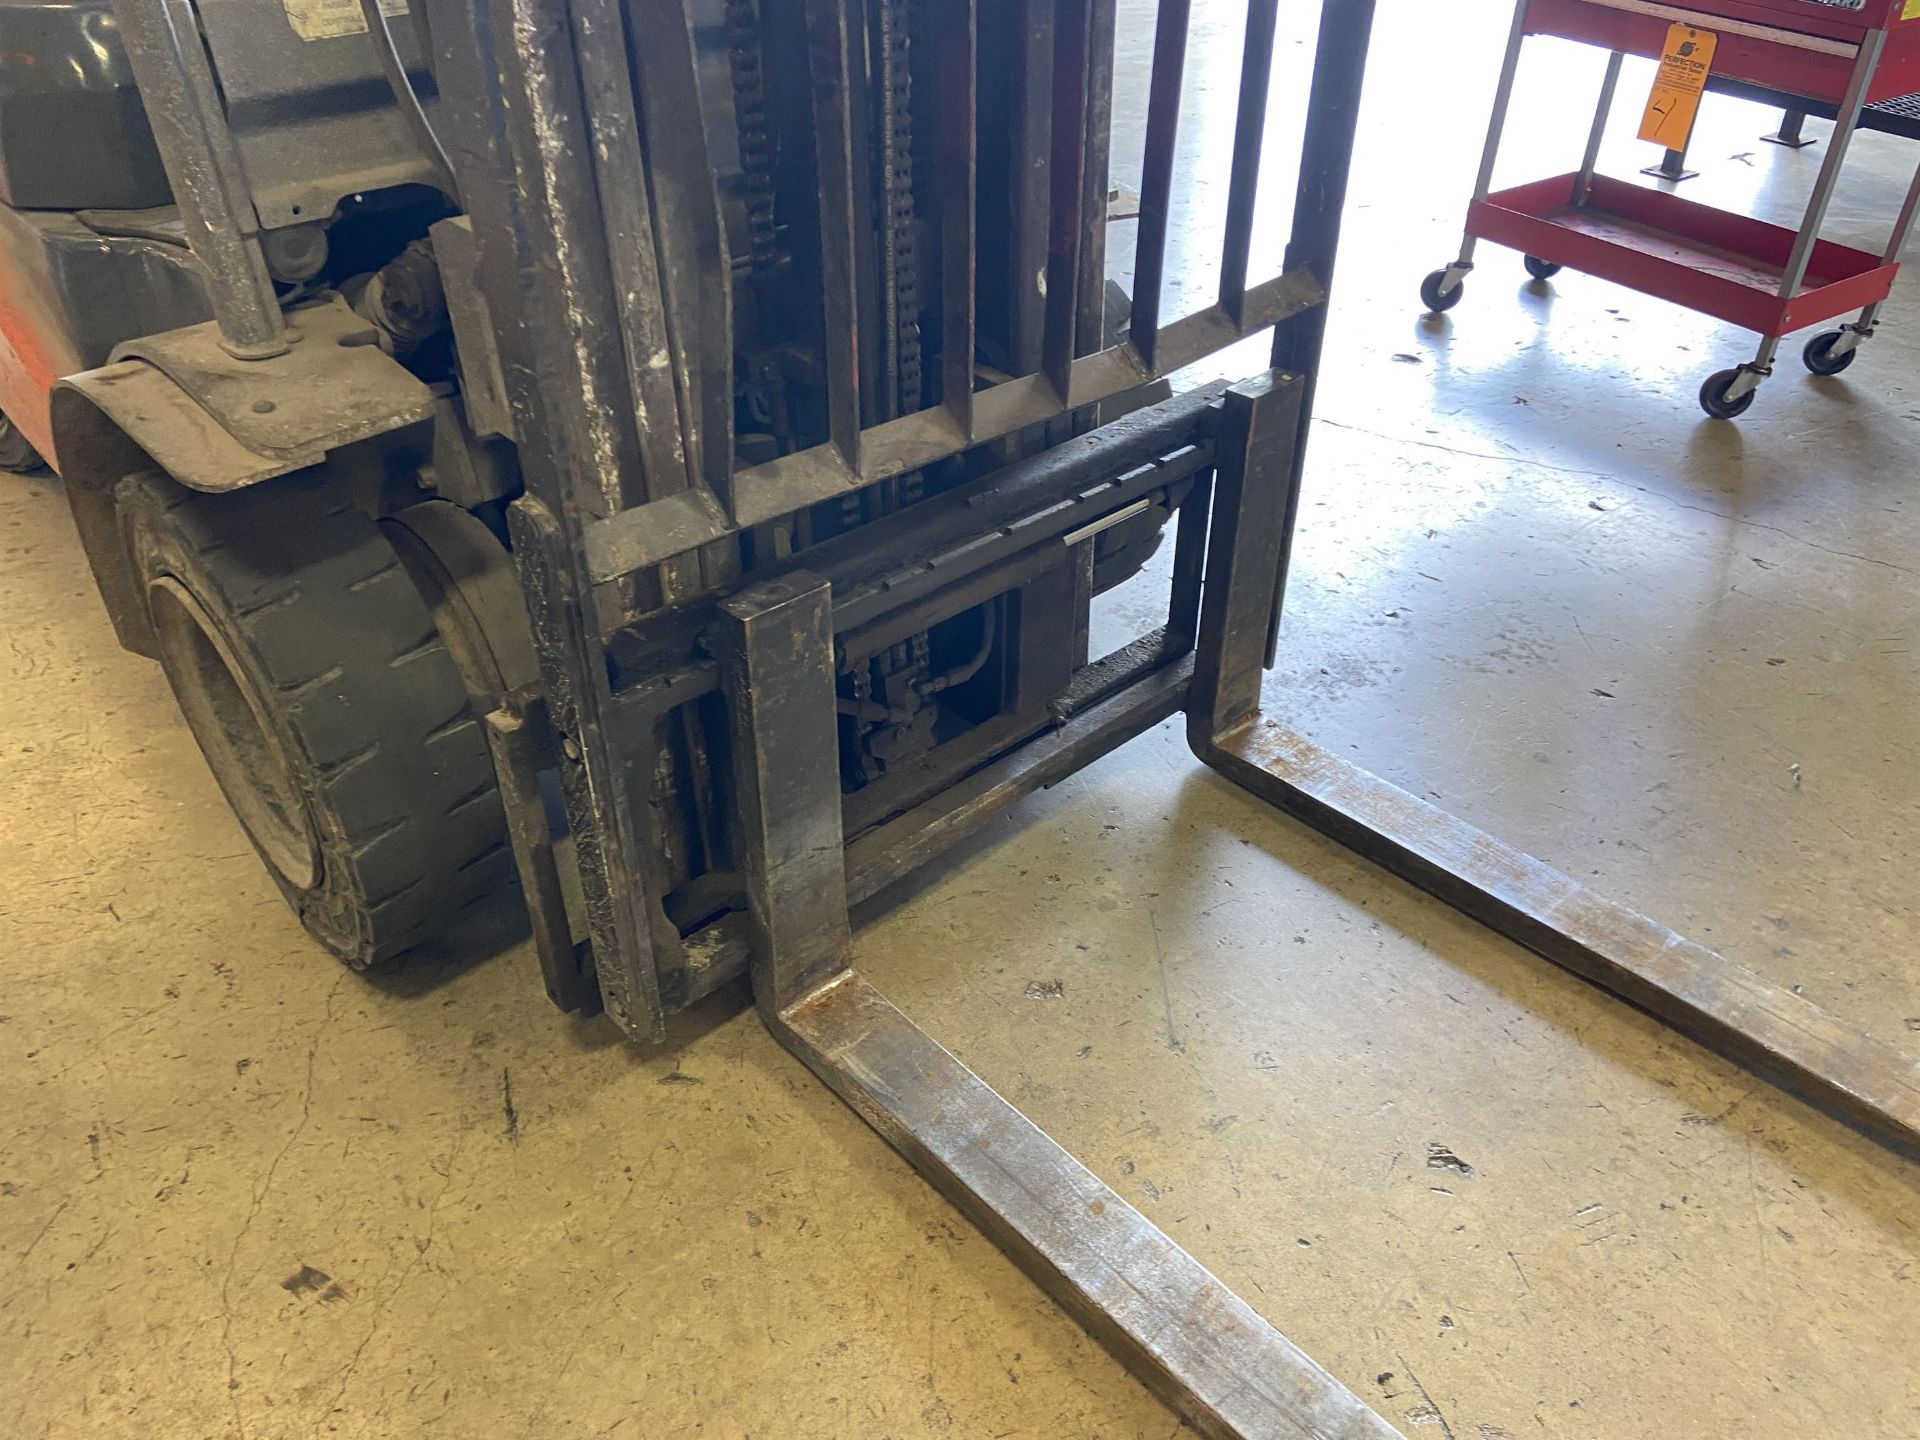 """Toyota Model 8FGU 25 LP 4500 Lb LP Forklift, 189 Lift, 3 Stage, 48"""" Forks, Side Shift, Solid - Image 5 of 6"""